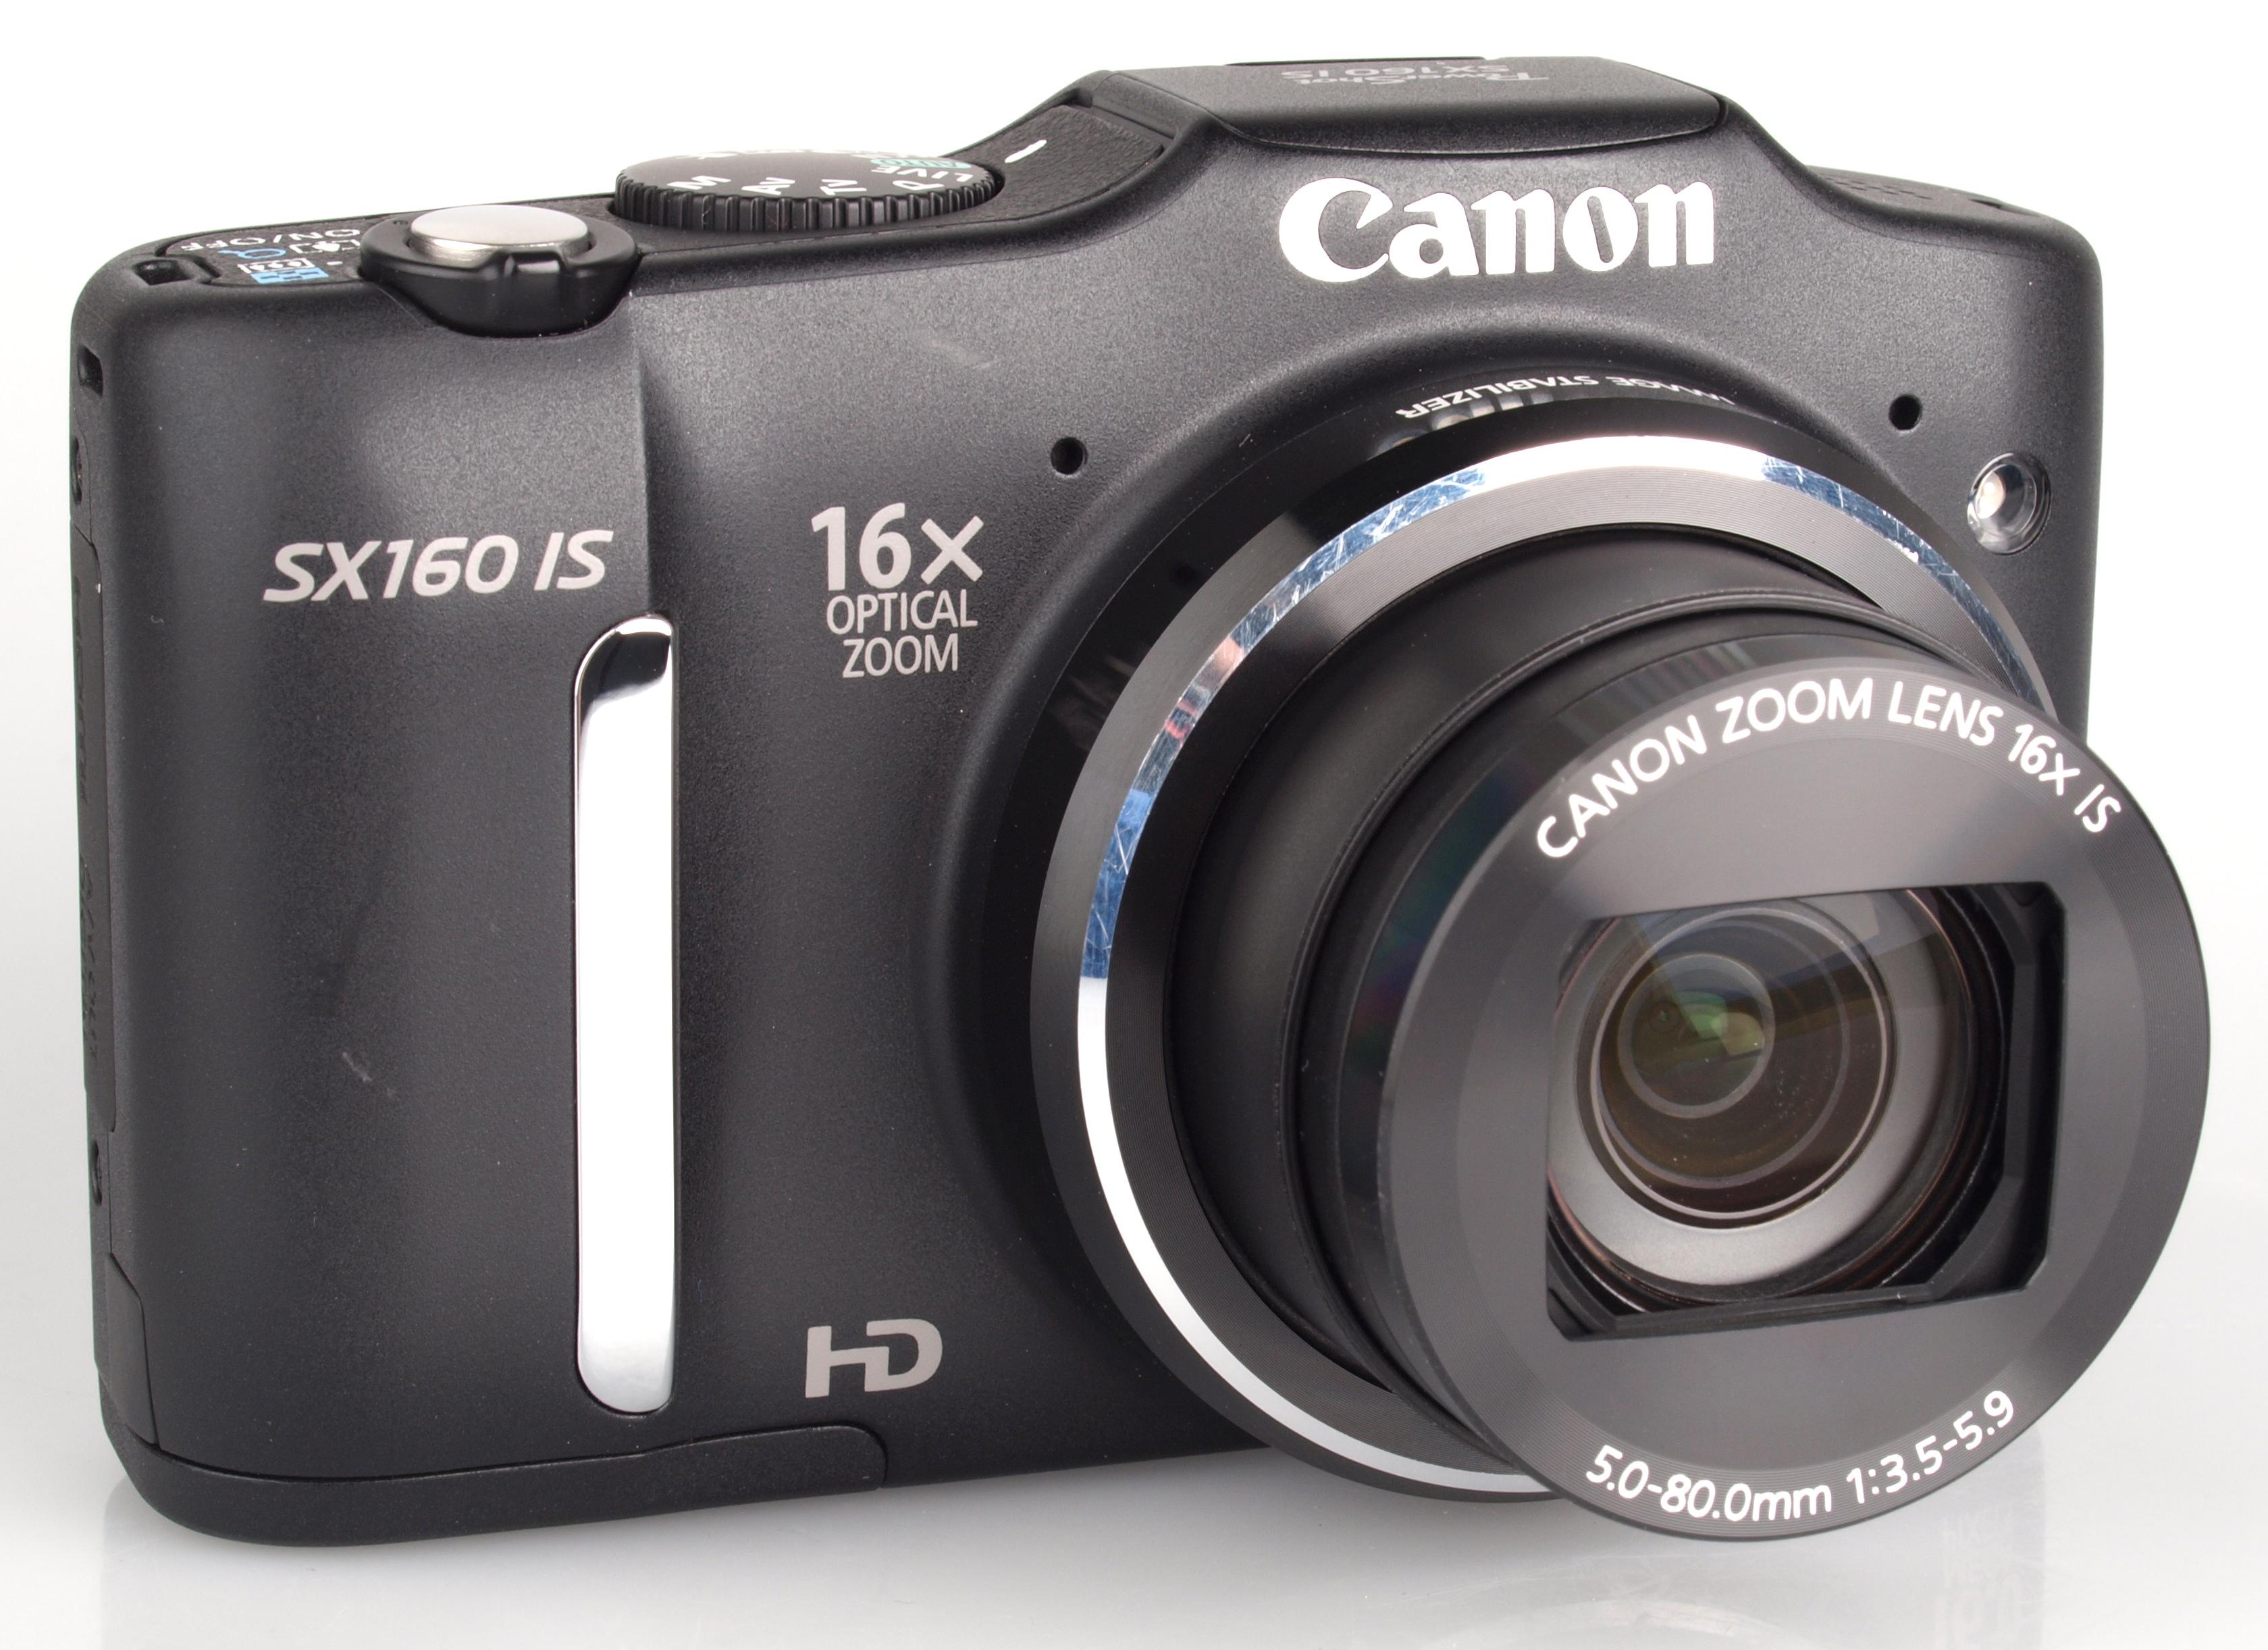 canon powershot sx160 is review rh ephotozine com canon powershot sx160 is manual español canon powershot sx130 is manual download